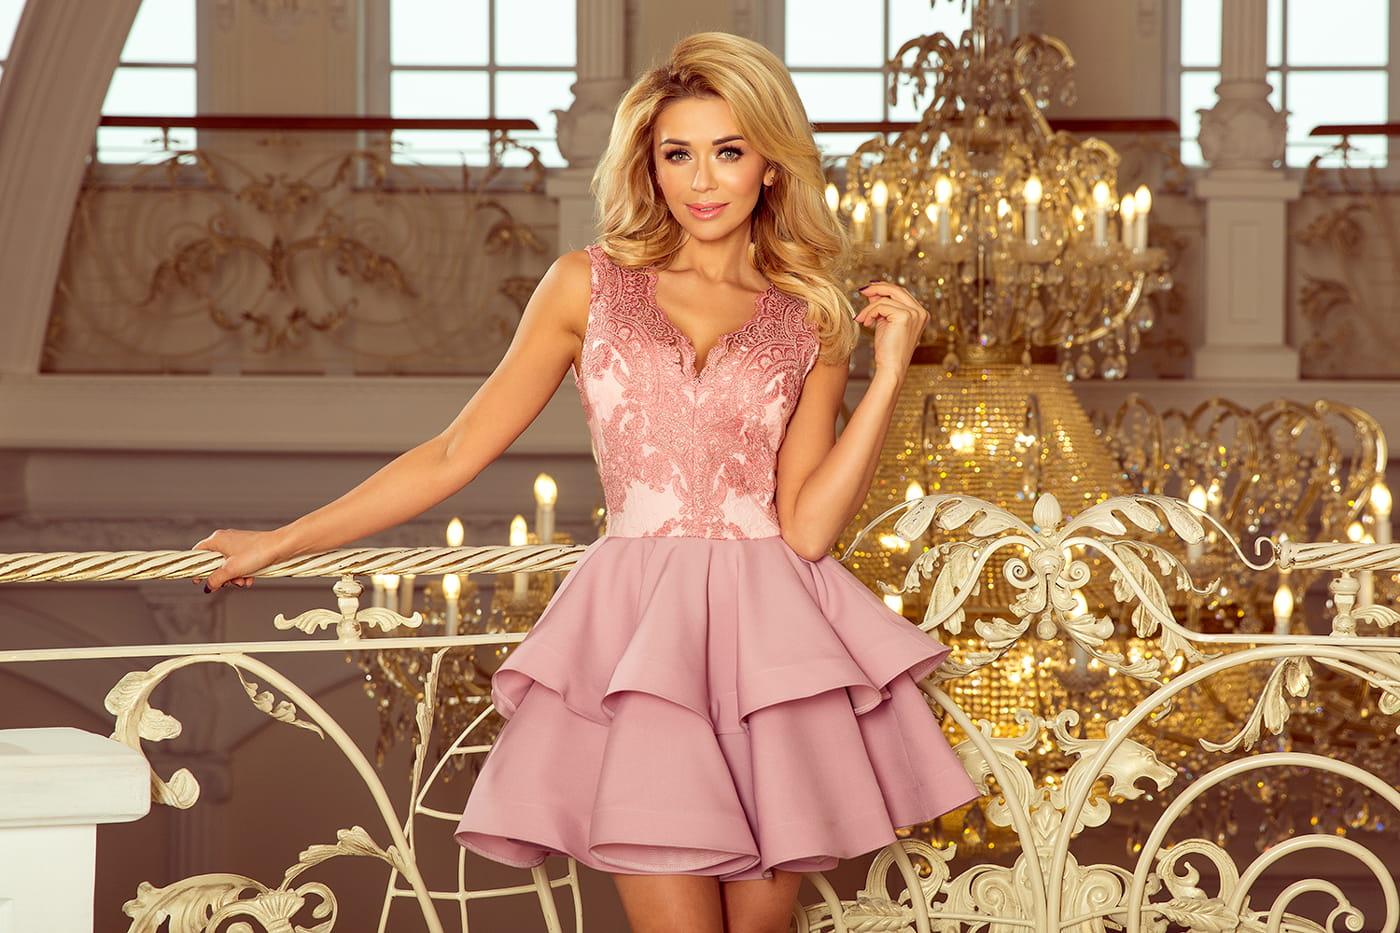 7a7aa68543e97f ... 3632200-5 CHARLOTTE - ekskluzywna sukienka z koronkowym dekoltem - PUDROWY  RÓŻ-5 ...